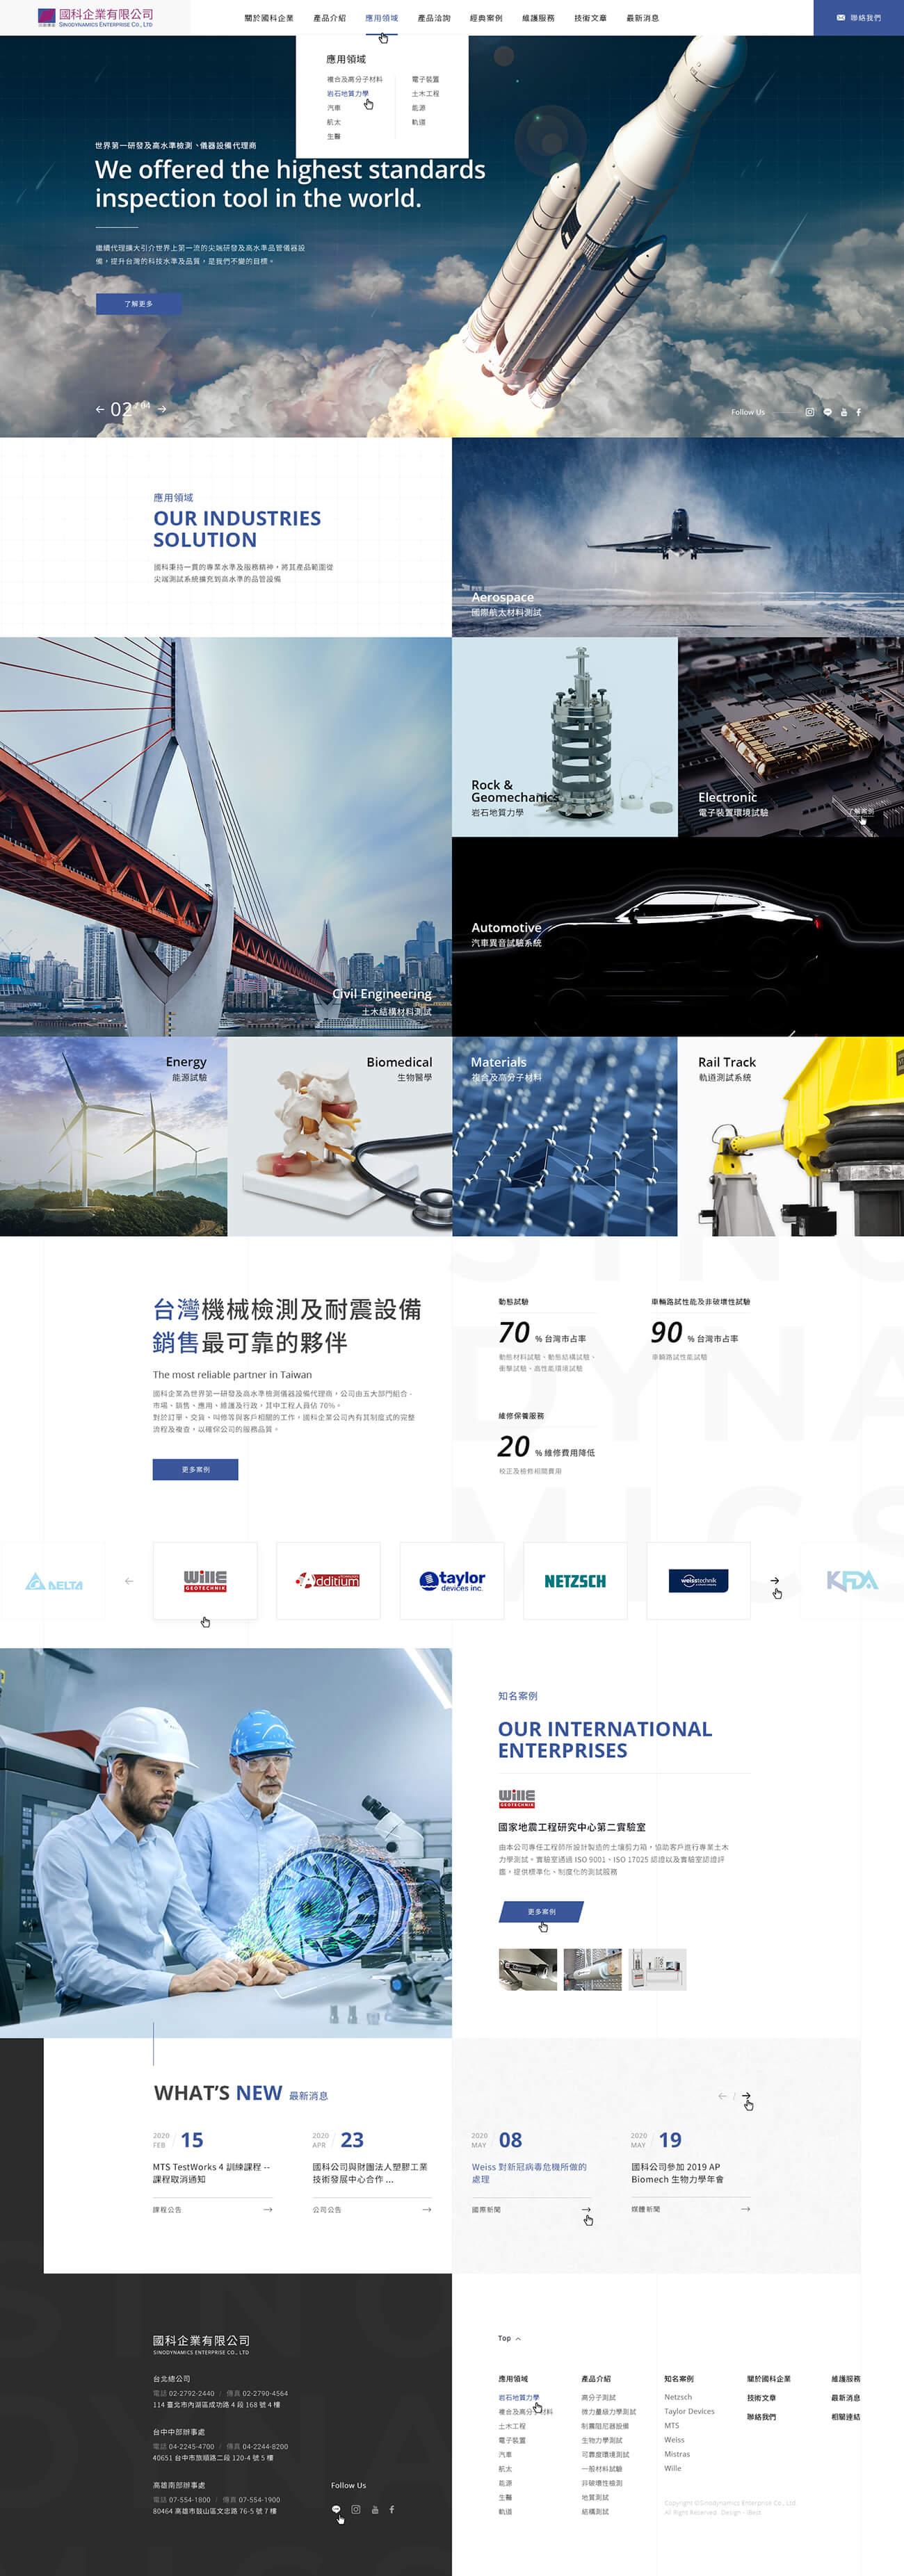 國科企業-網頁設計